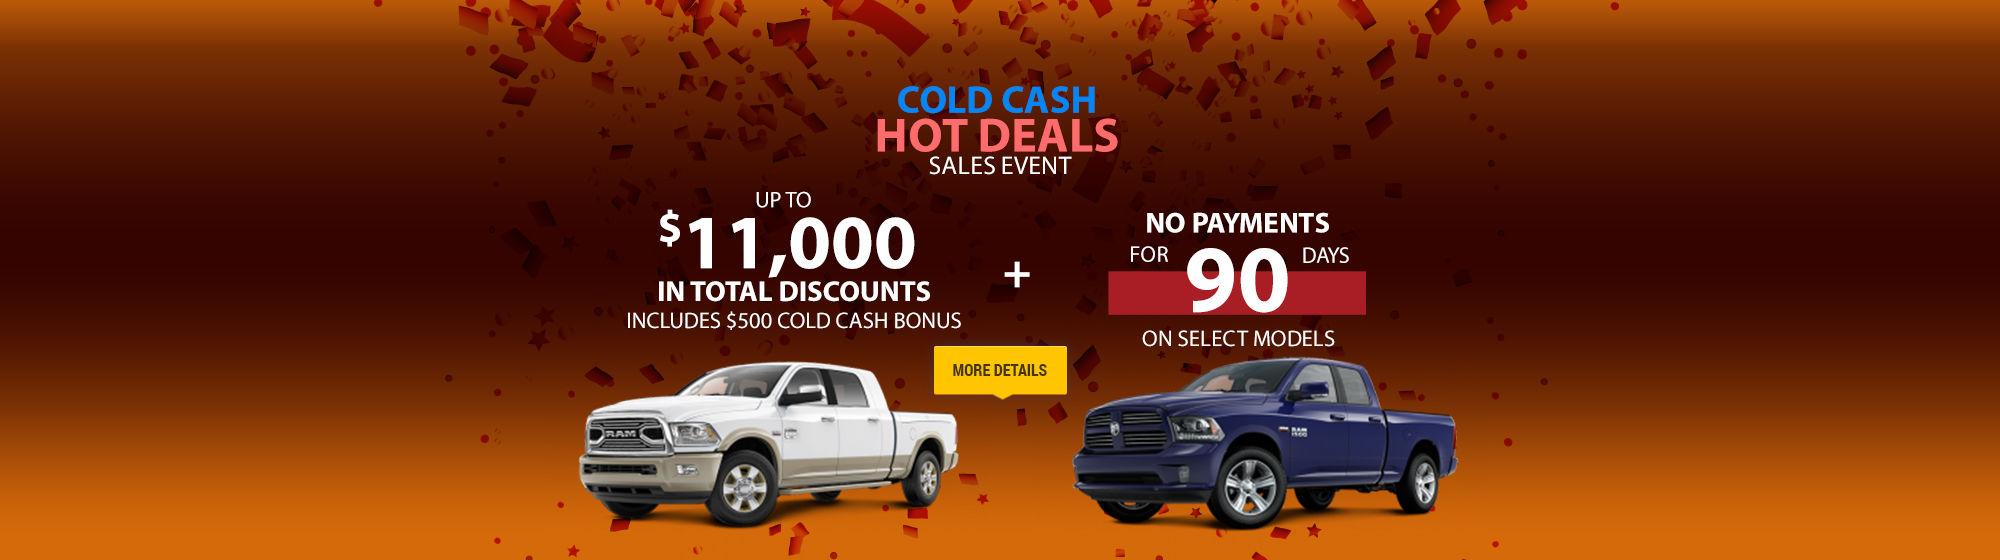 Cold Cash Hot Deals Sales Event